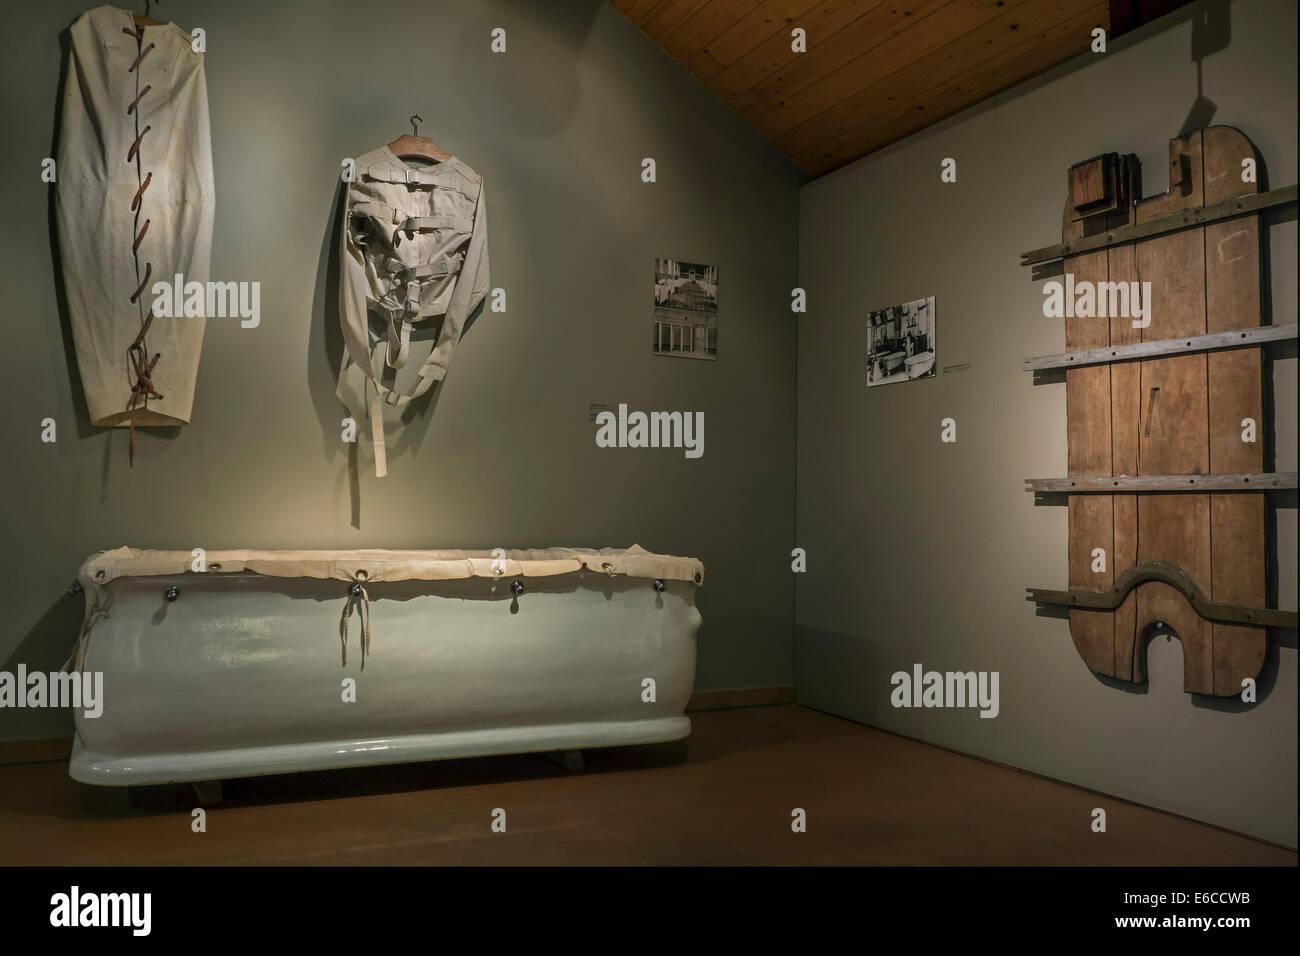 Vasca Da Bagno Usato : Vasca da bagno e la camicia di forza straightjacket usato per